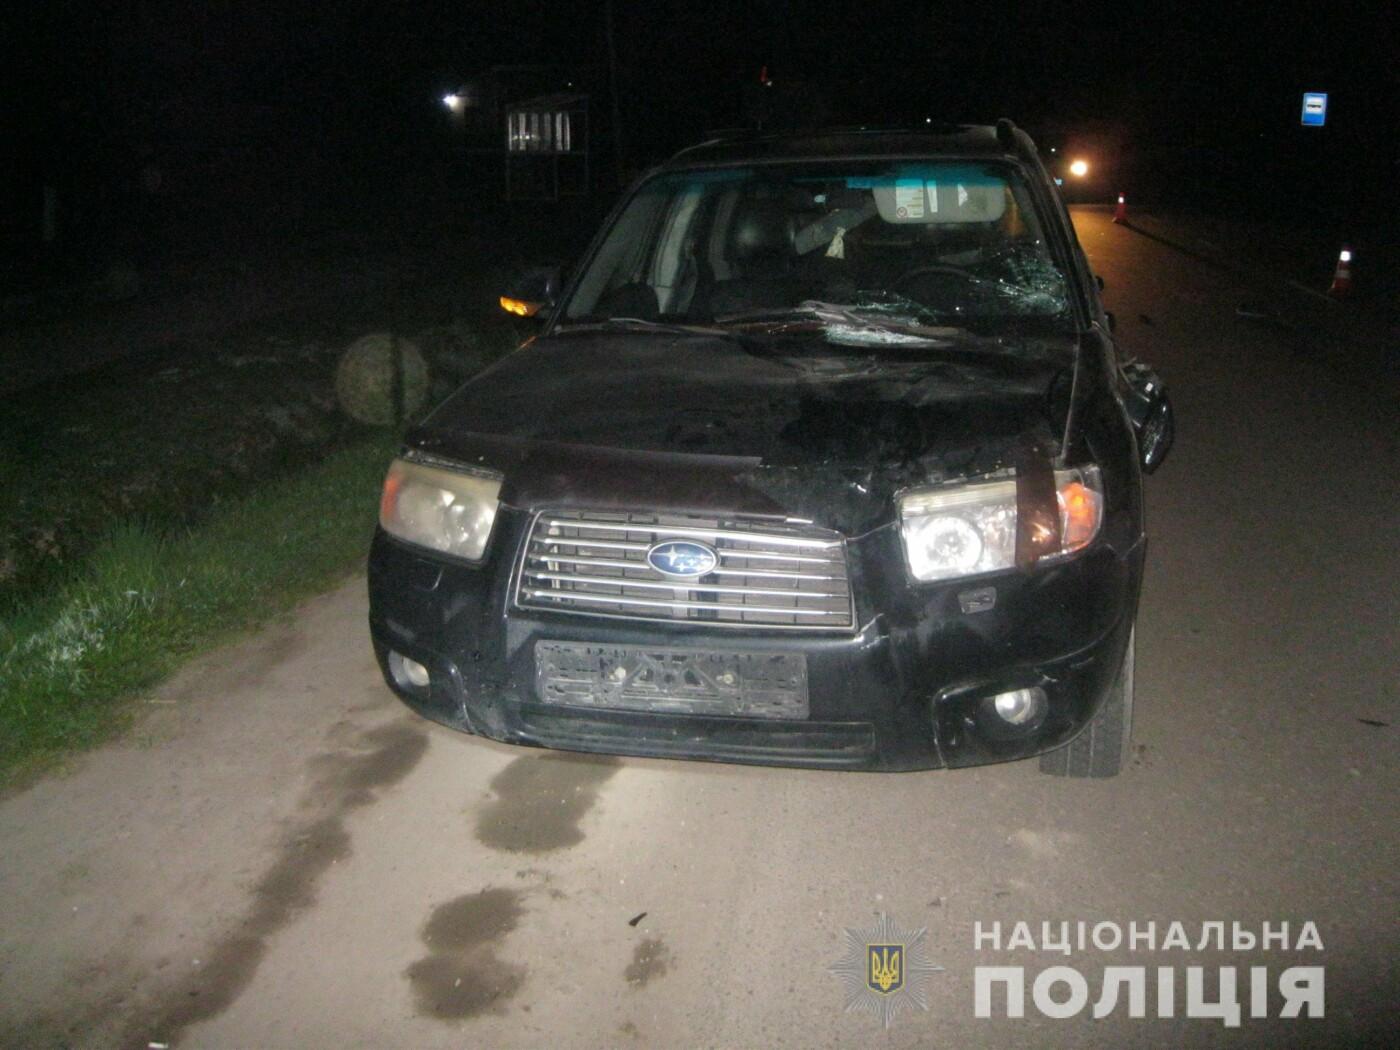 Двоє пішоходів травмовані внаслідок наїзду Subaru Forester на Львівщині, Фото: пресслужби поліції Львівщини